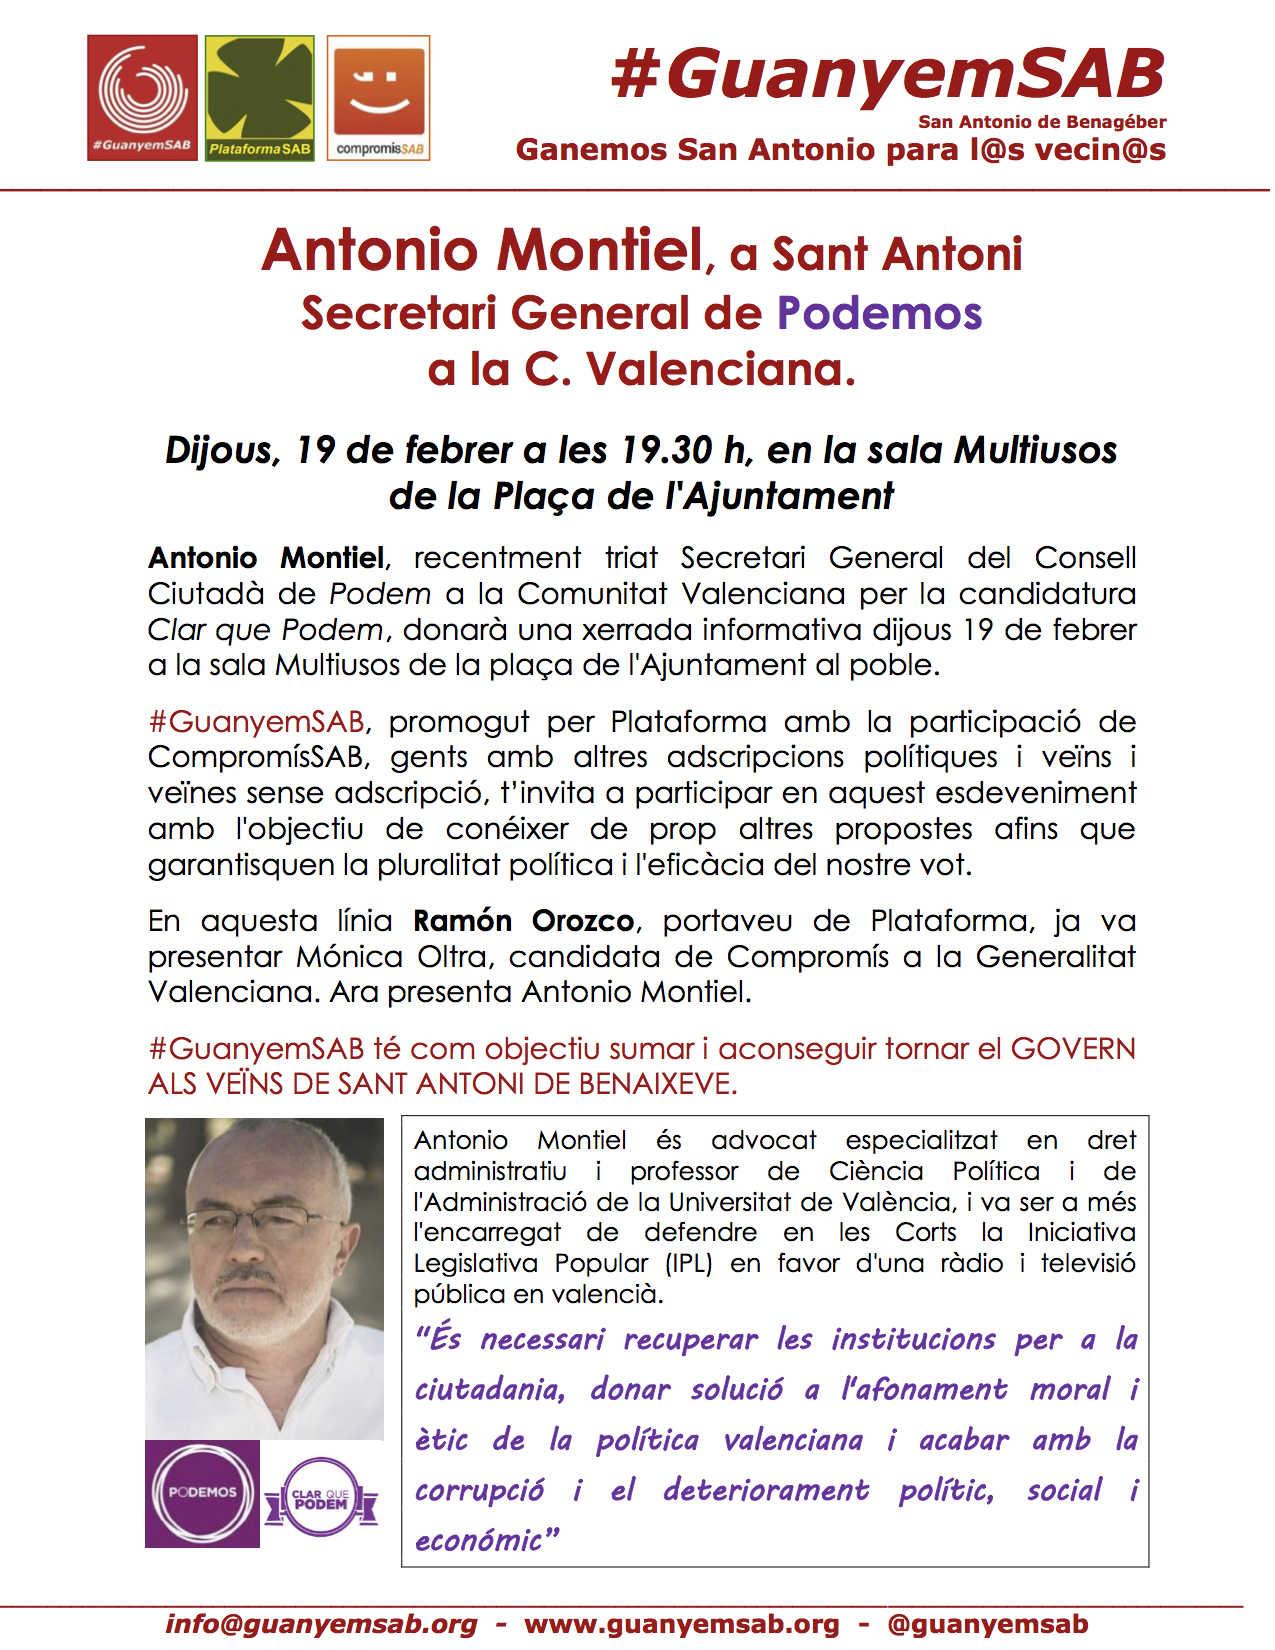 Acto de Antonio Montiel 19 febrero 2015  VALENCIANO V3 COLOR